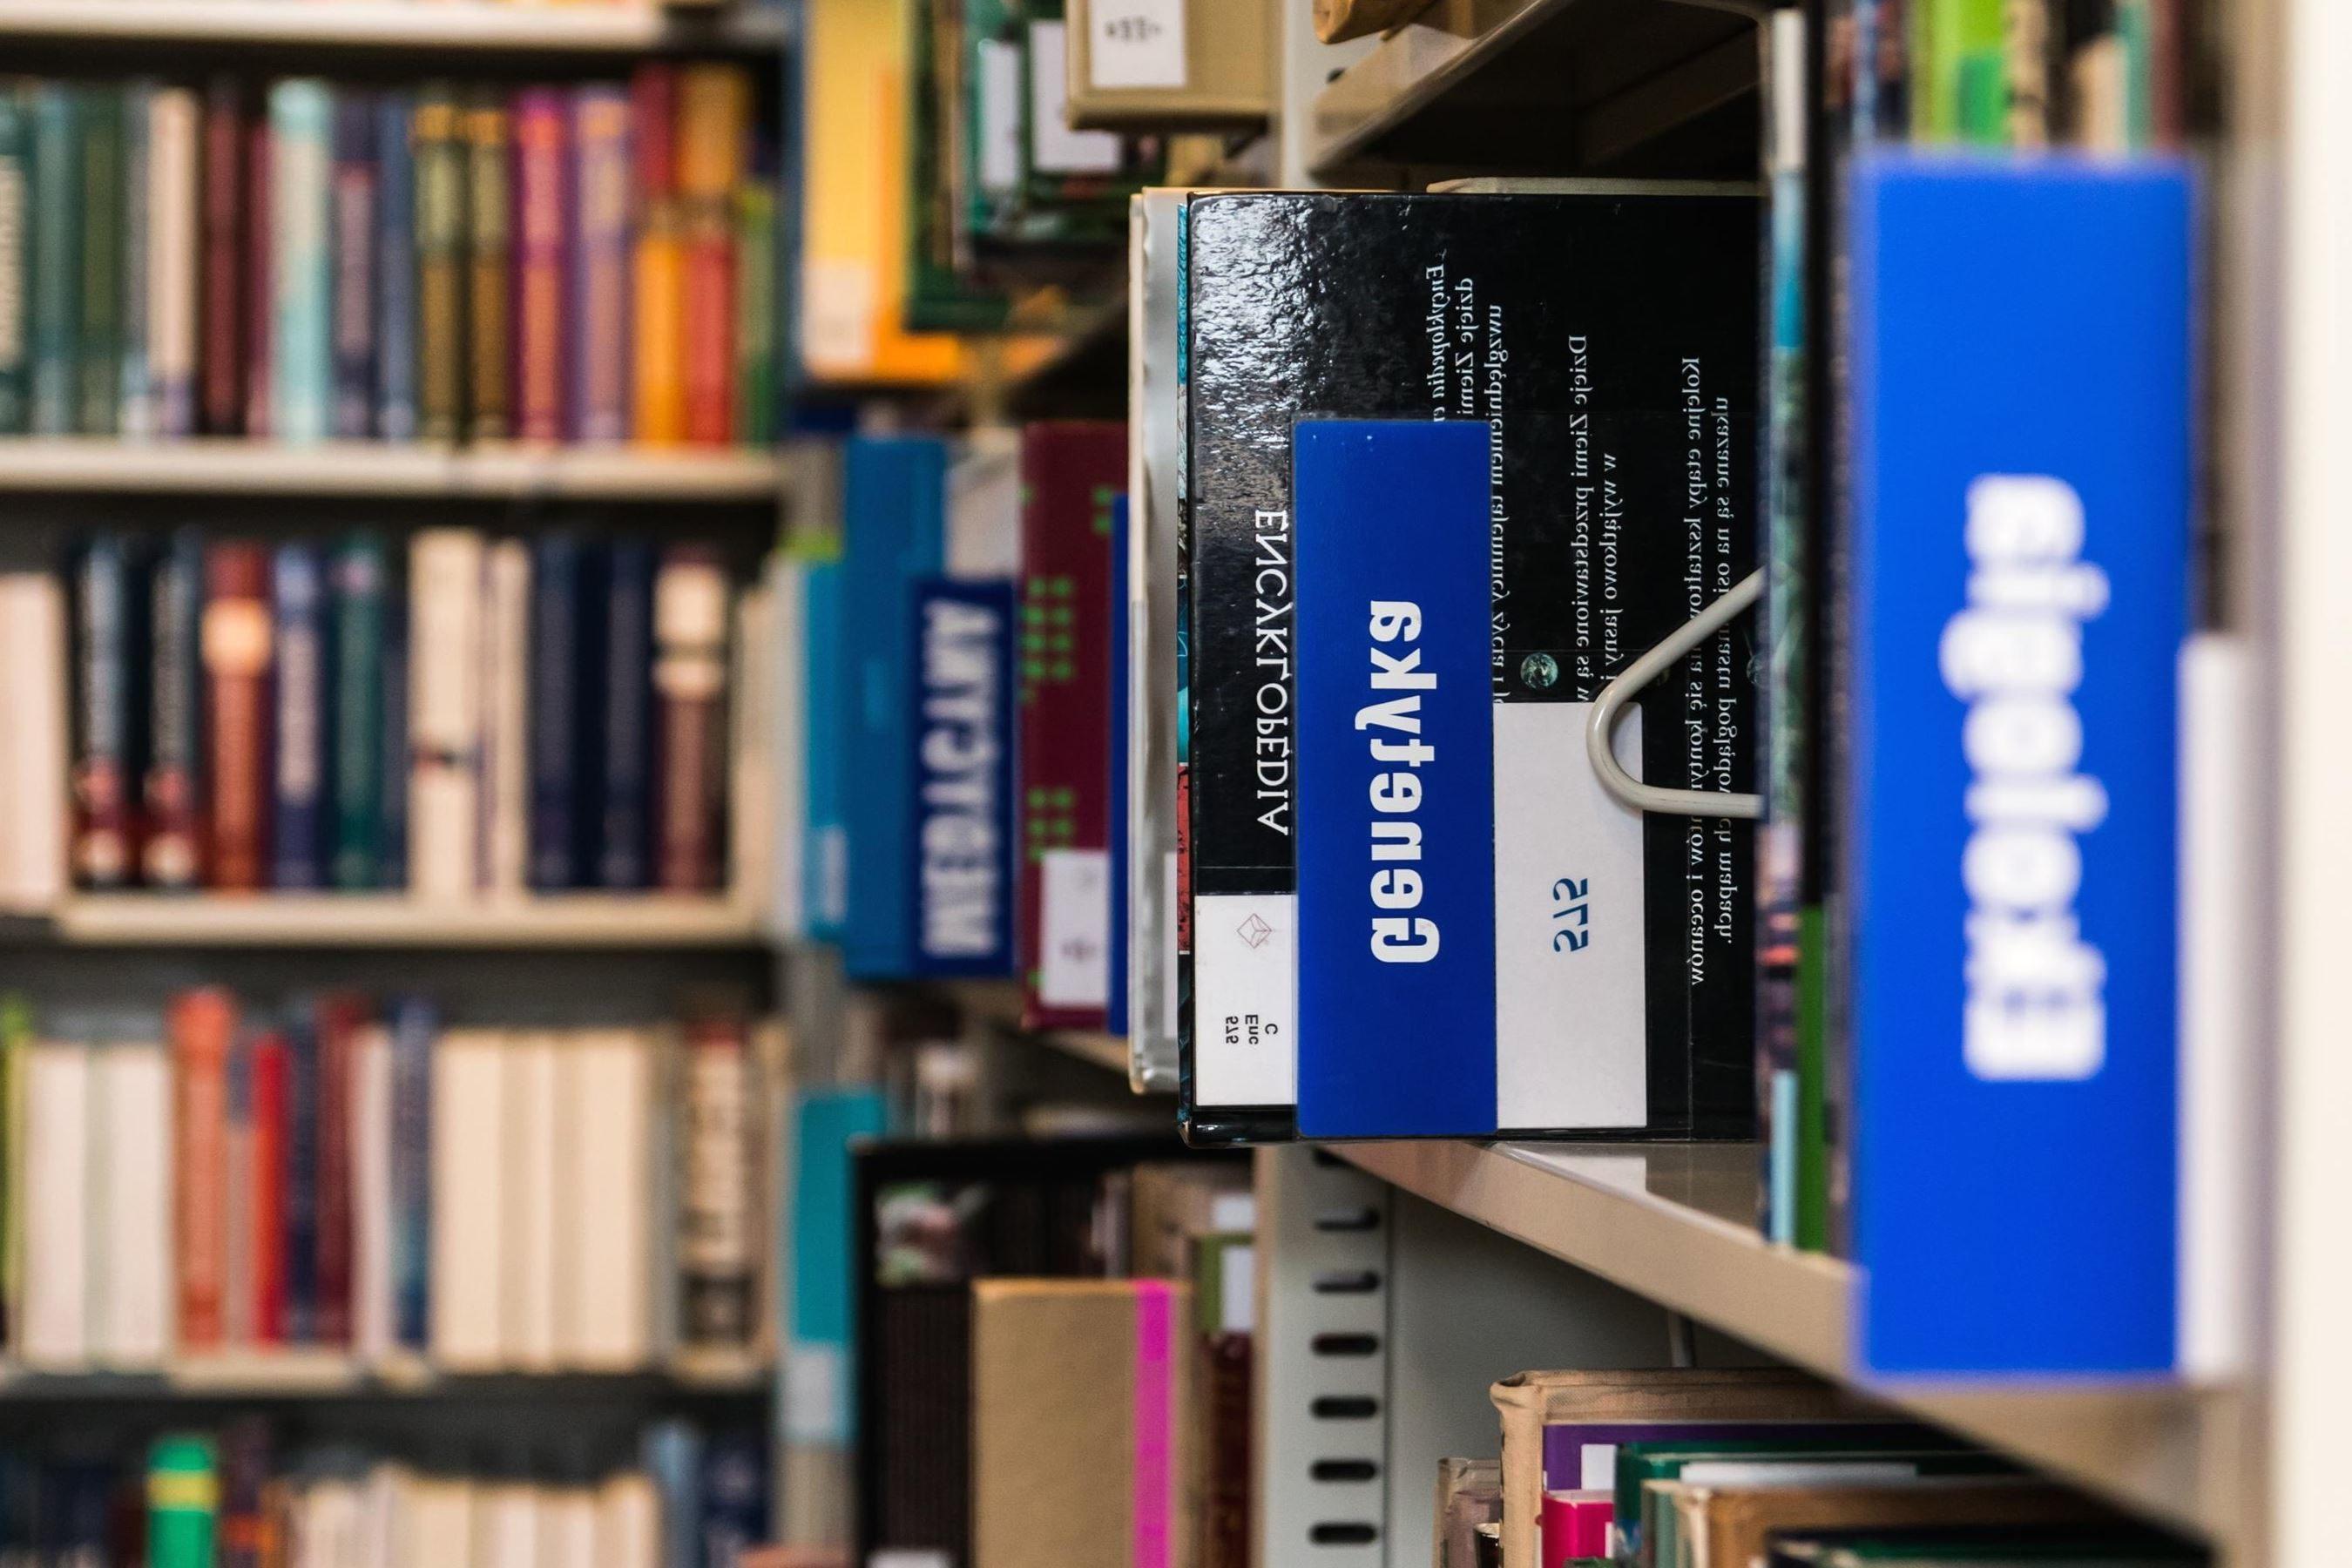 Boekenplank Met Boeken.Gratis Afbeelding Boekenplank Schap Bibliotheek Collectie